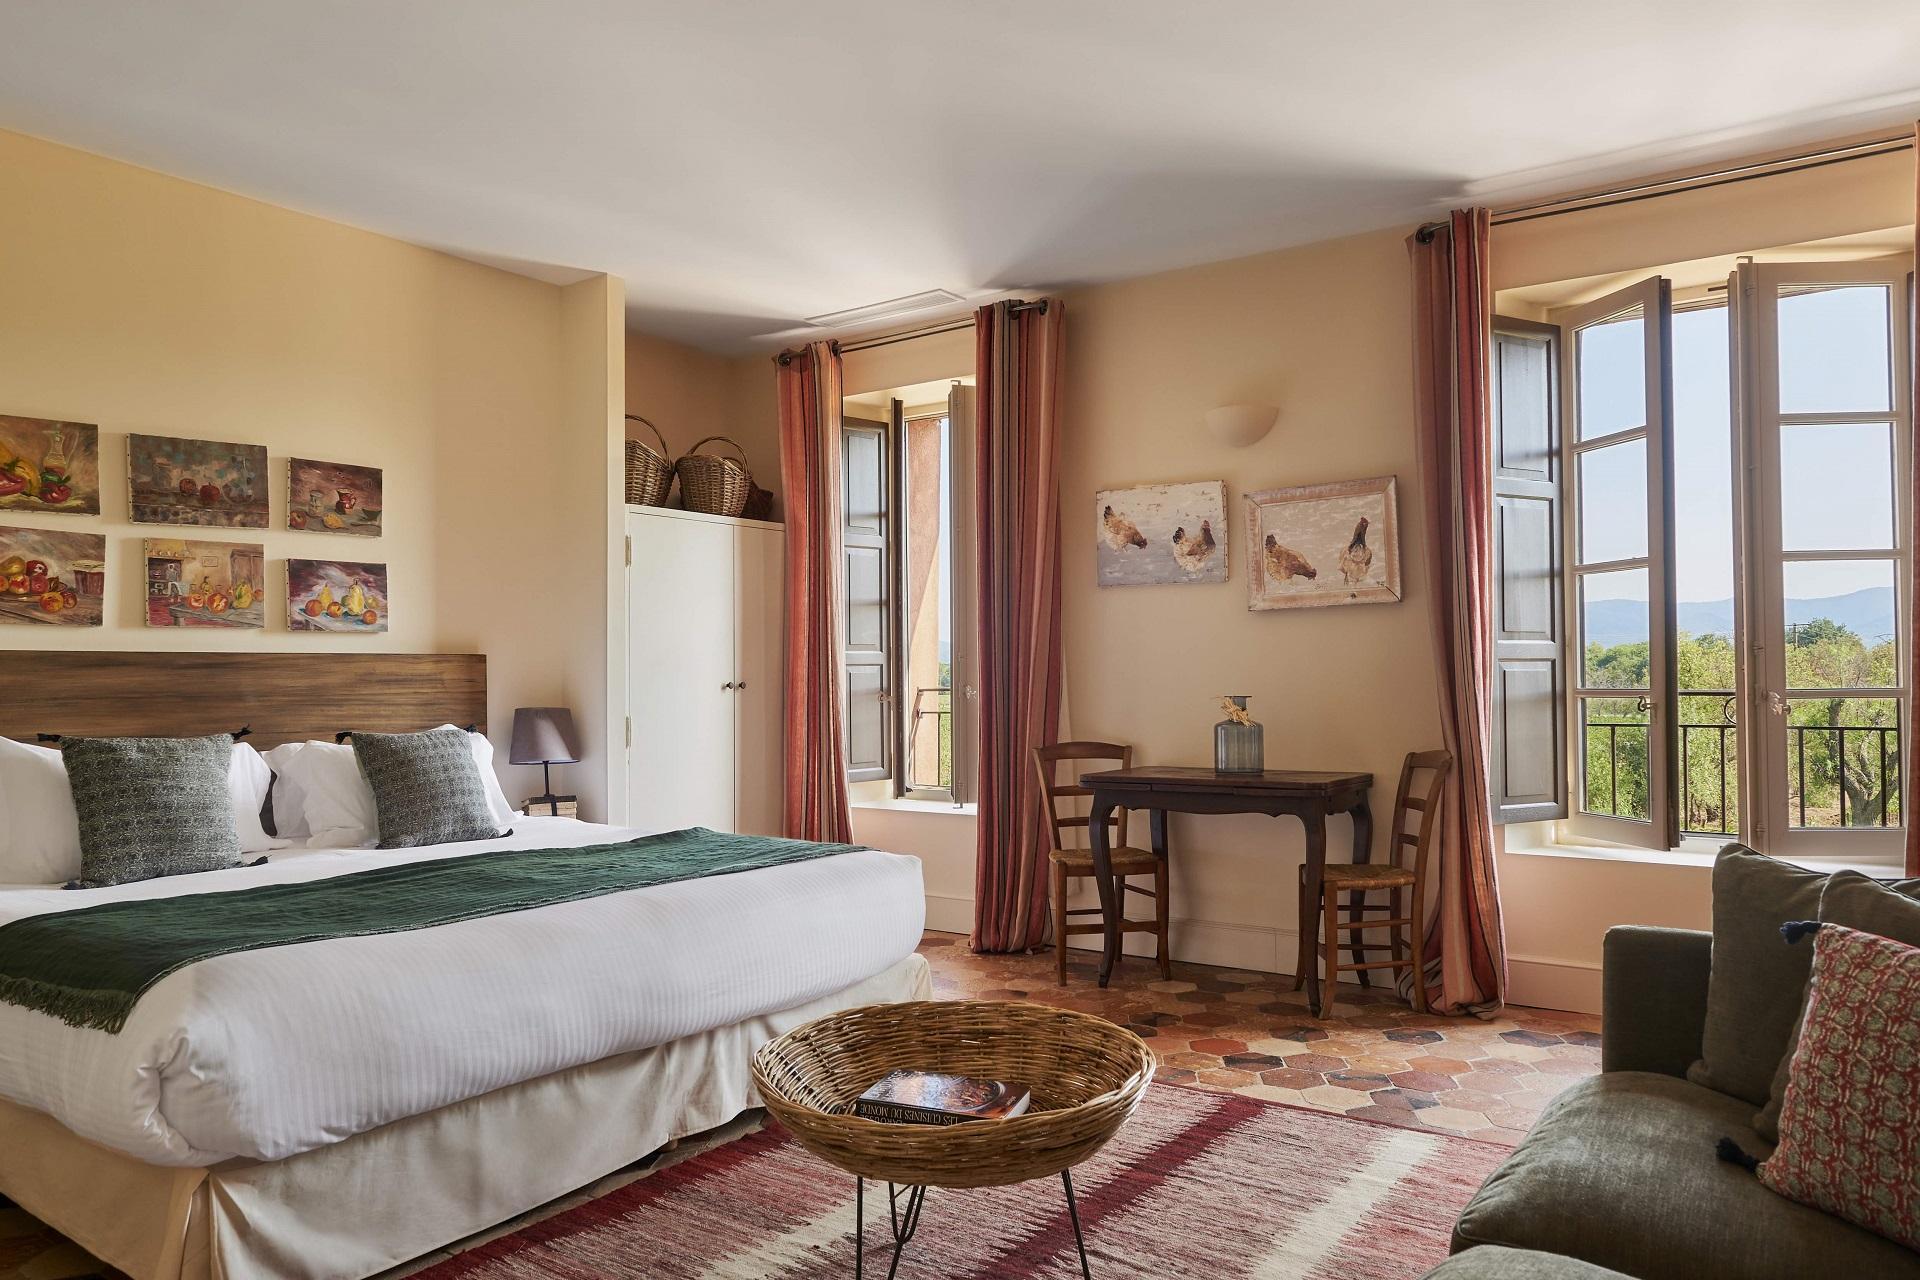 chateau-saint-roux-provence-var-chambre-seminaires-de-caractere